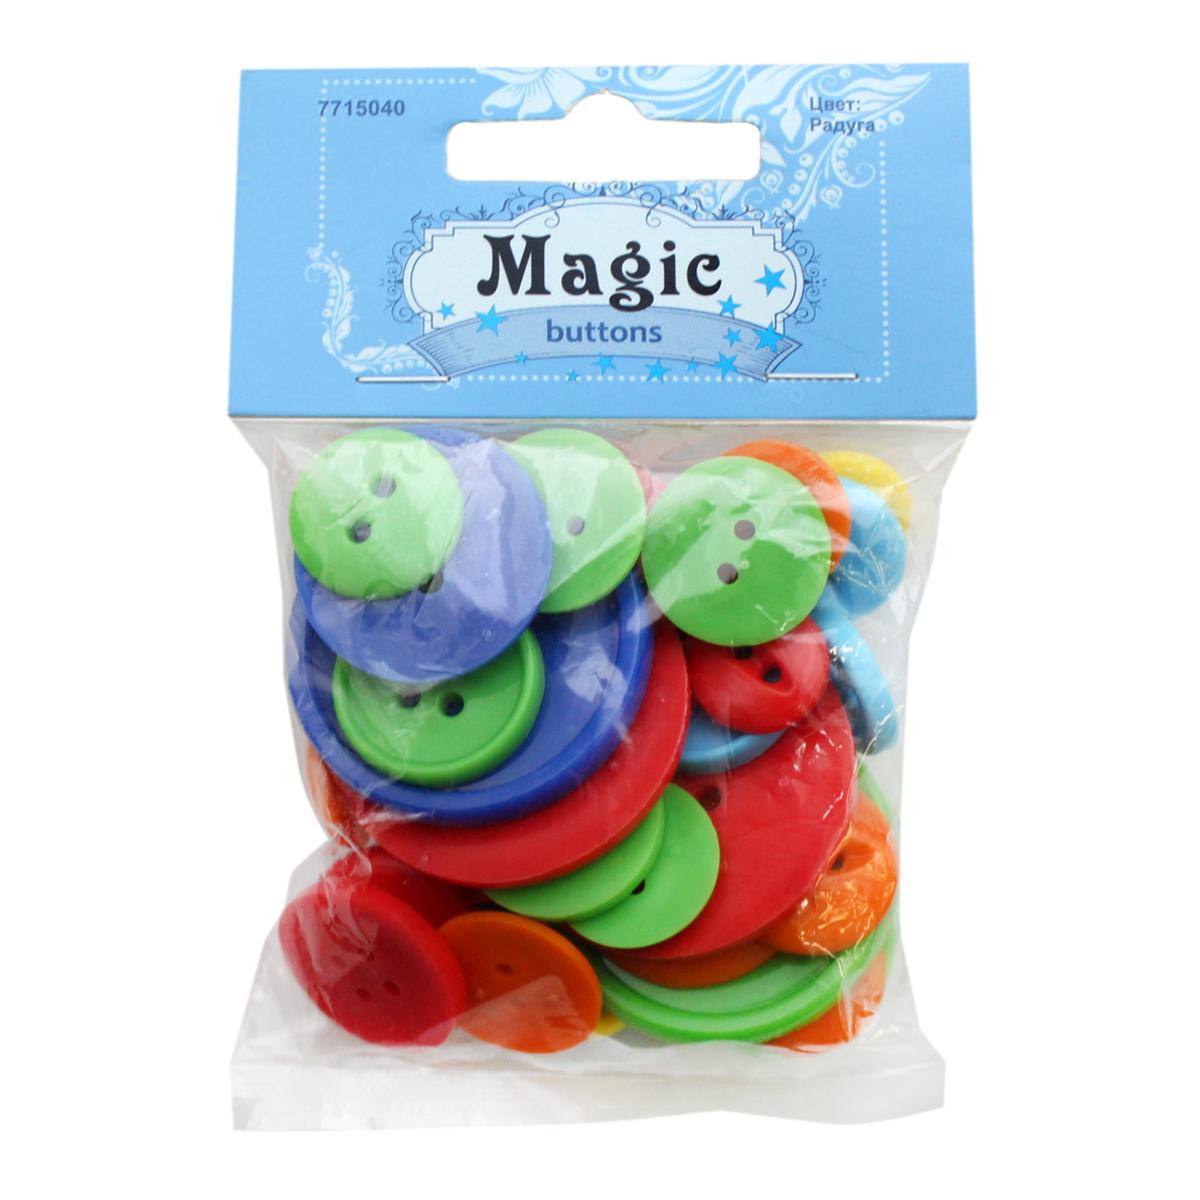 Пуговицы декоративные Magic Buttons Круг. Радуга, 30 г7715040_РадугаЯркие и красочные пуговицы Magic Buttons станут прекрасным дополнением к любому образу. Пуговицы выполнены в разных цветовых вариантах и формах.